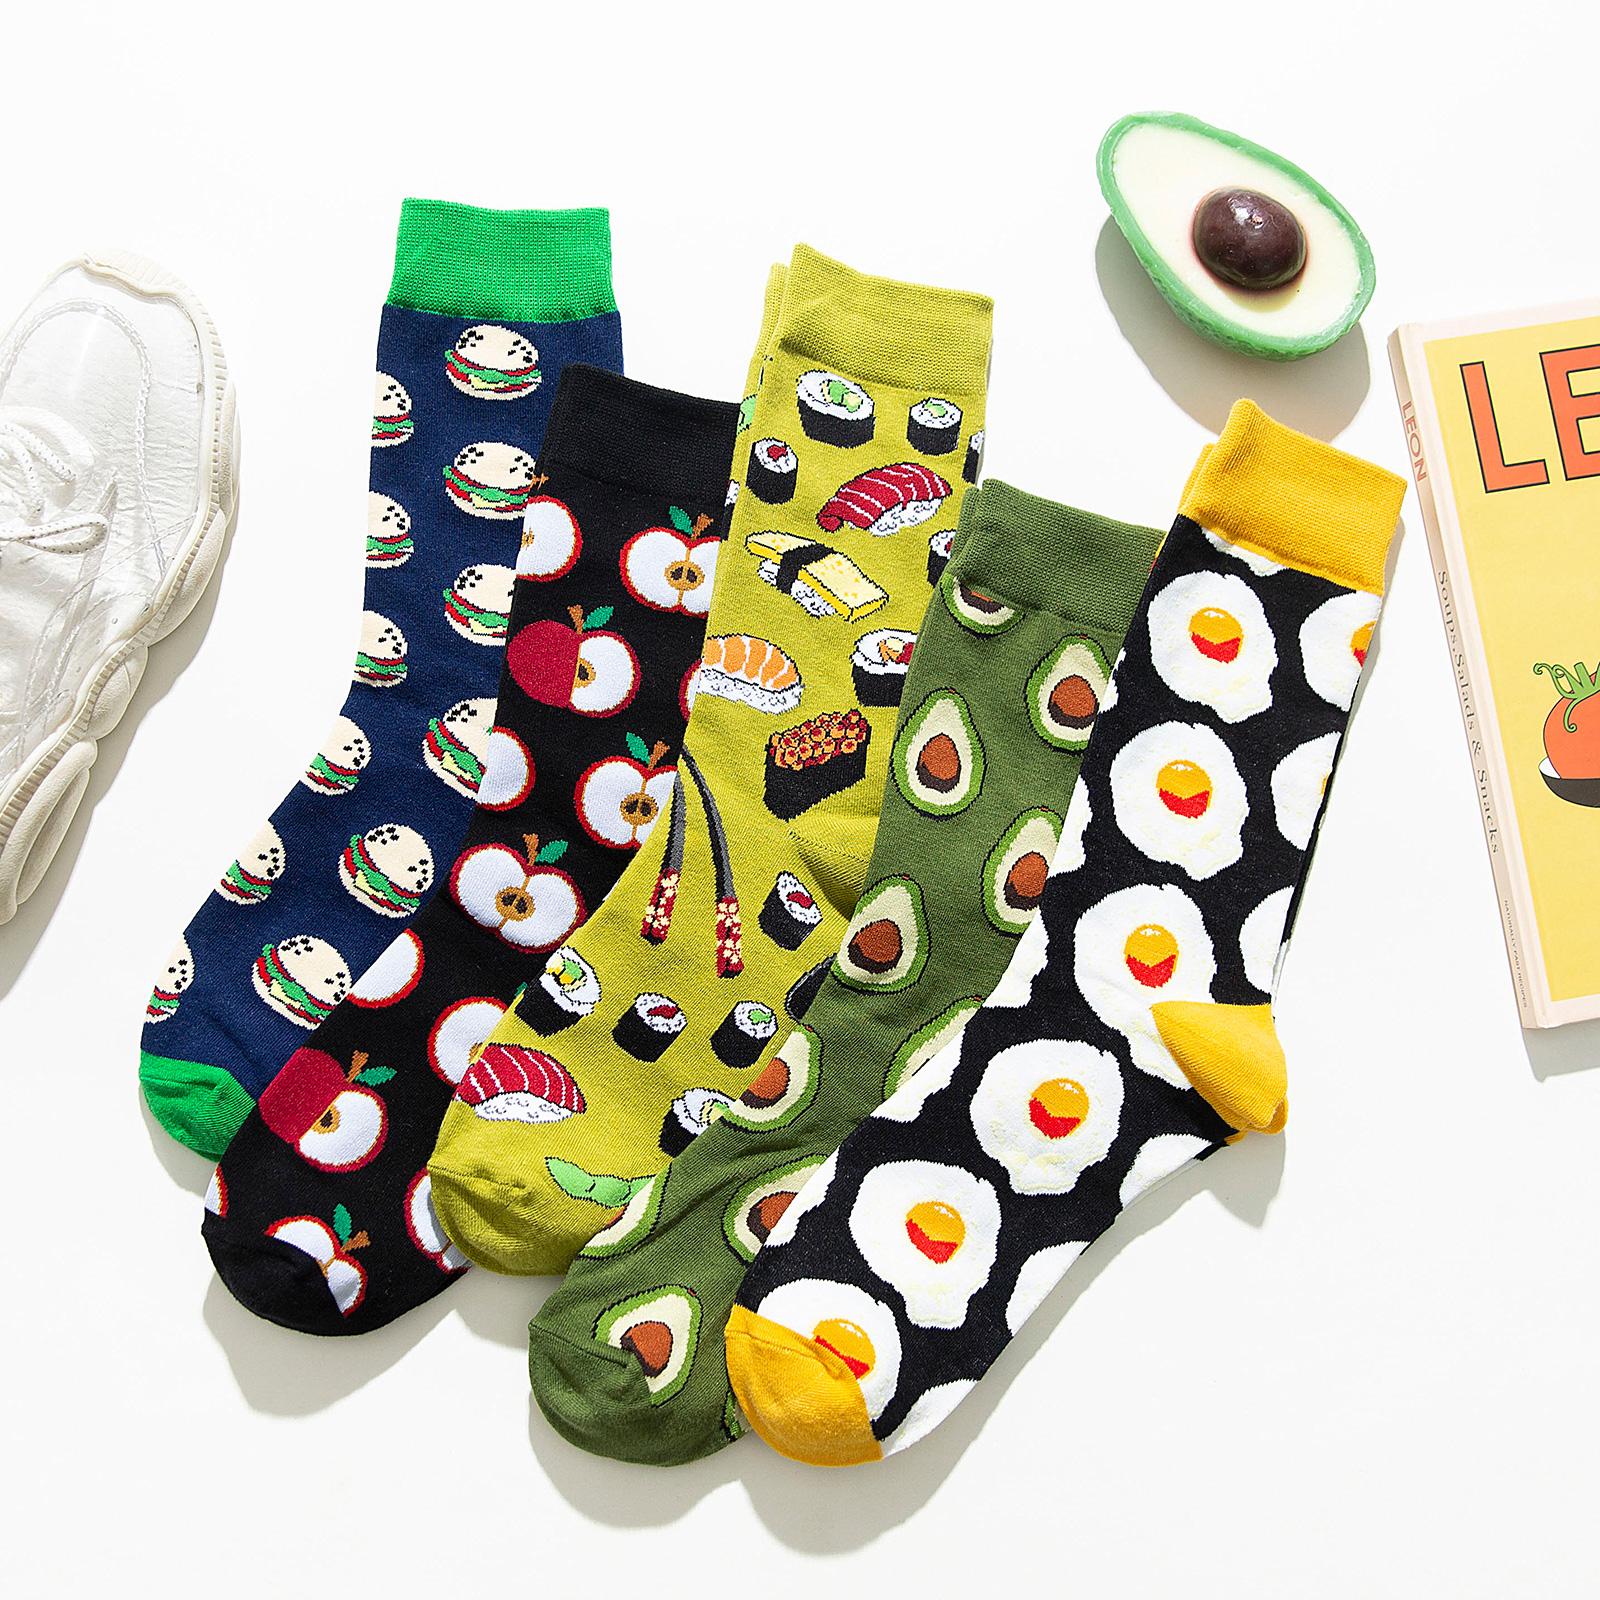 牛油果长袜子女夏季中筒袜ins潮网红街头绿色长筒袜个性薄款夏天